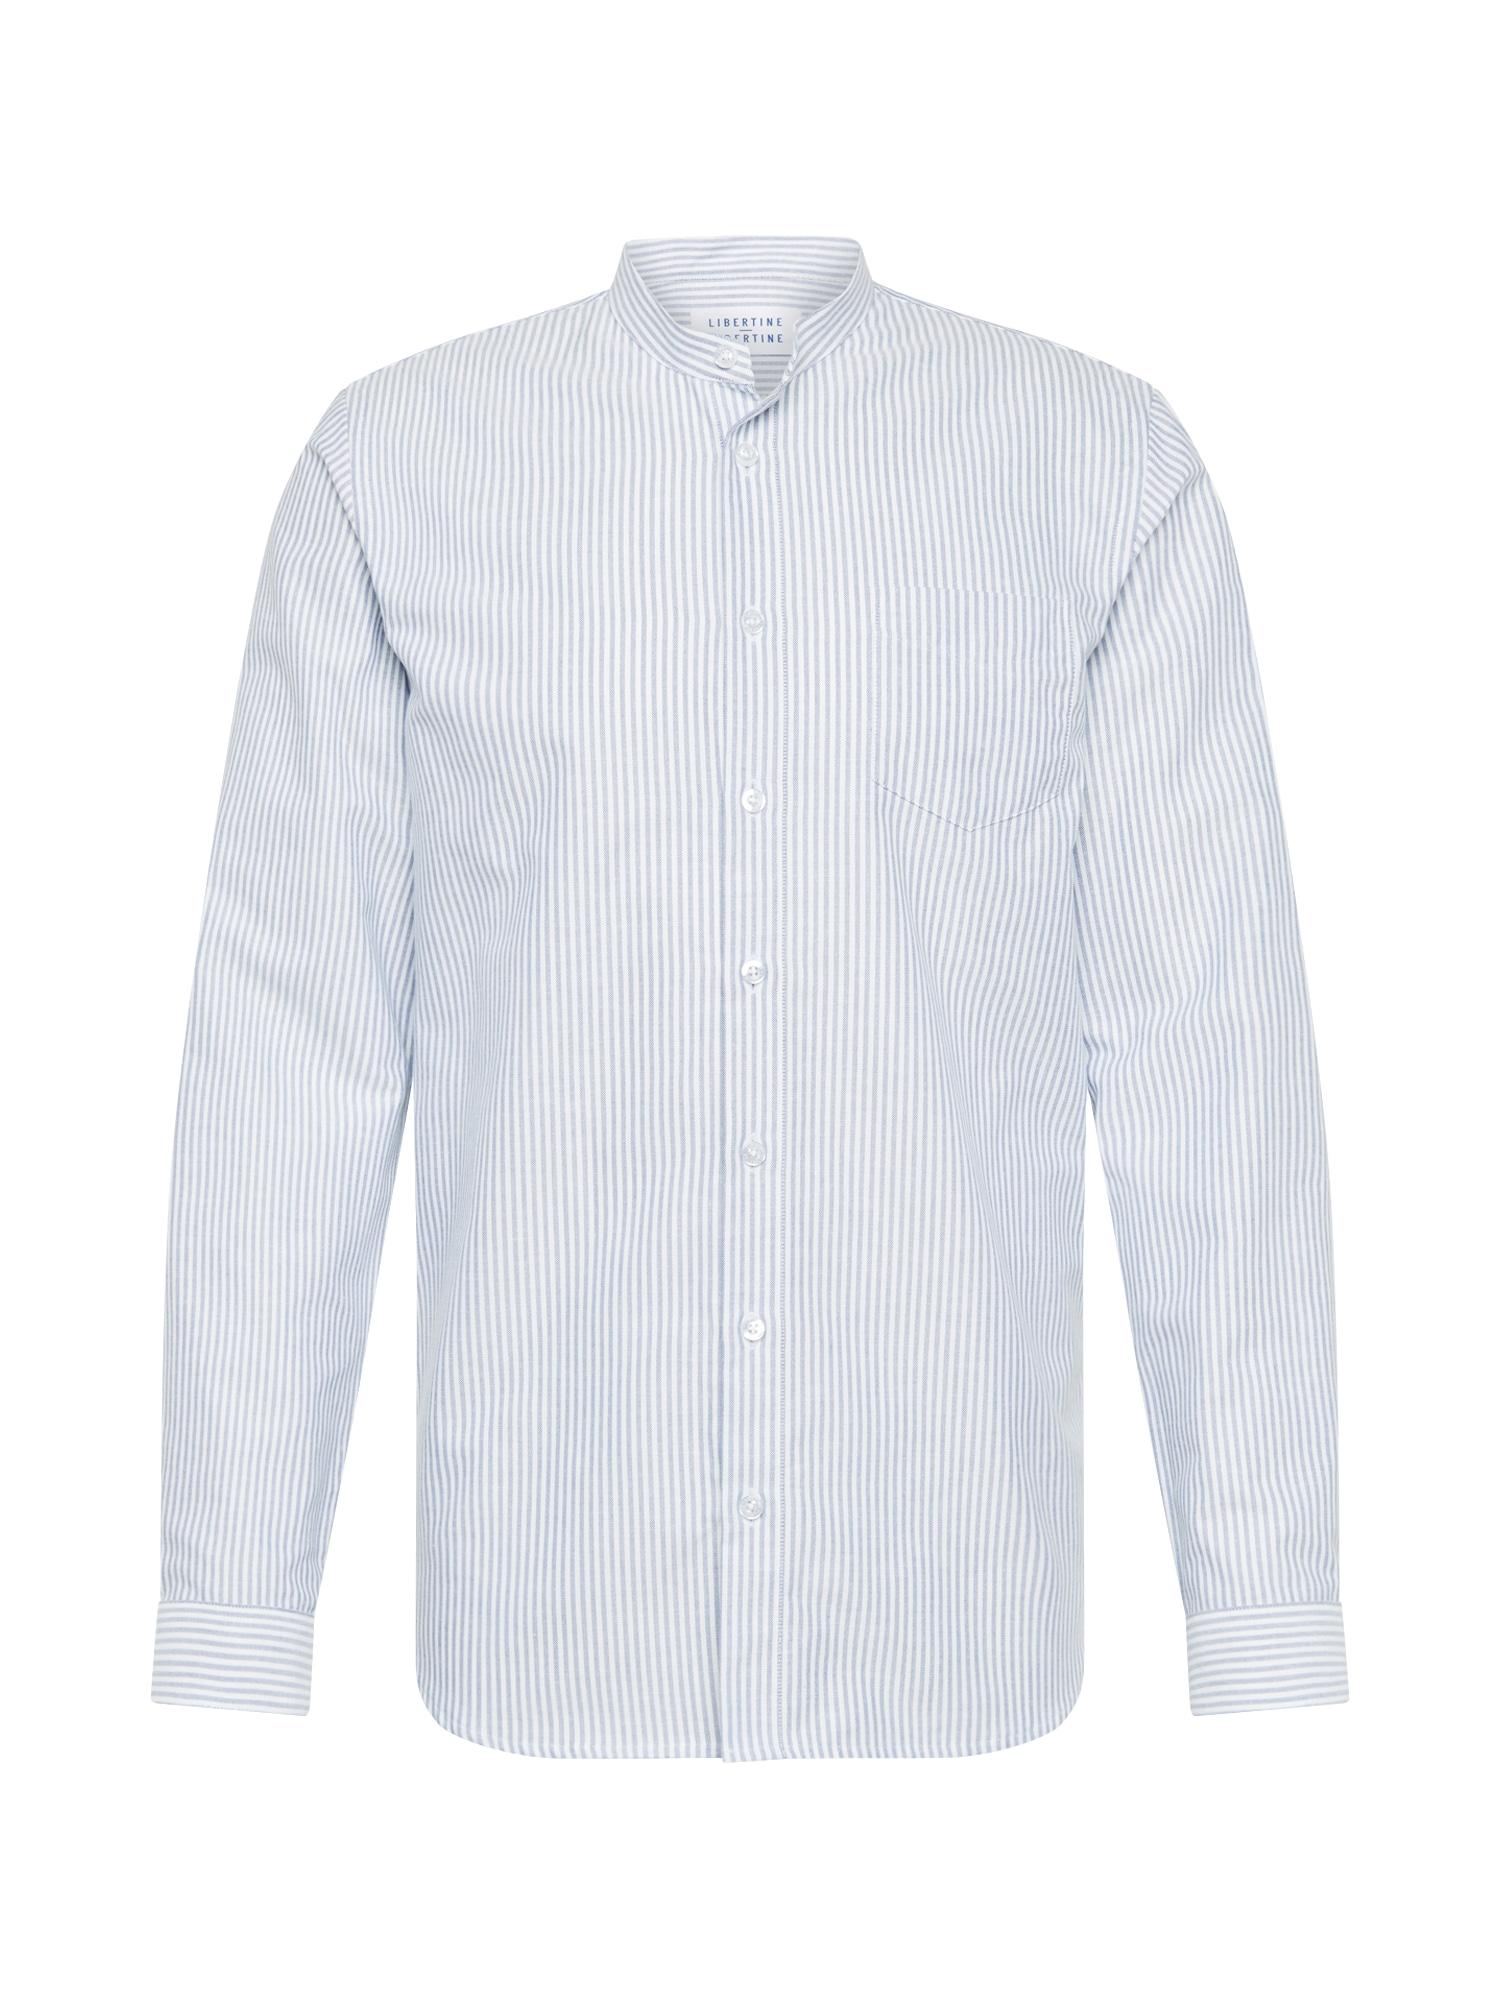 Libertine-Libertine Dalykinio stiliaus marškiniai